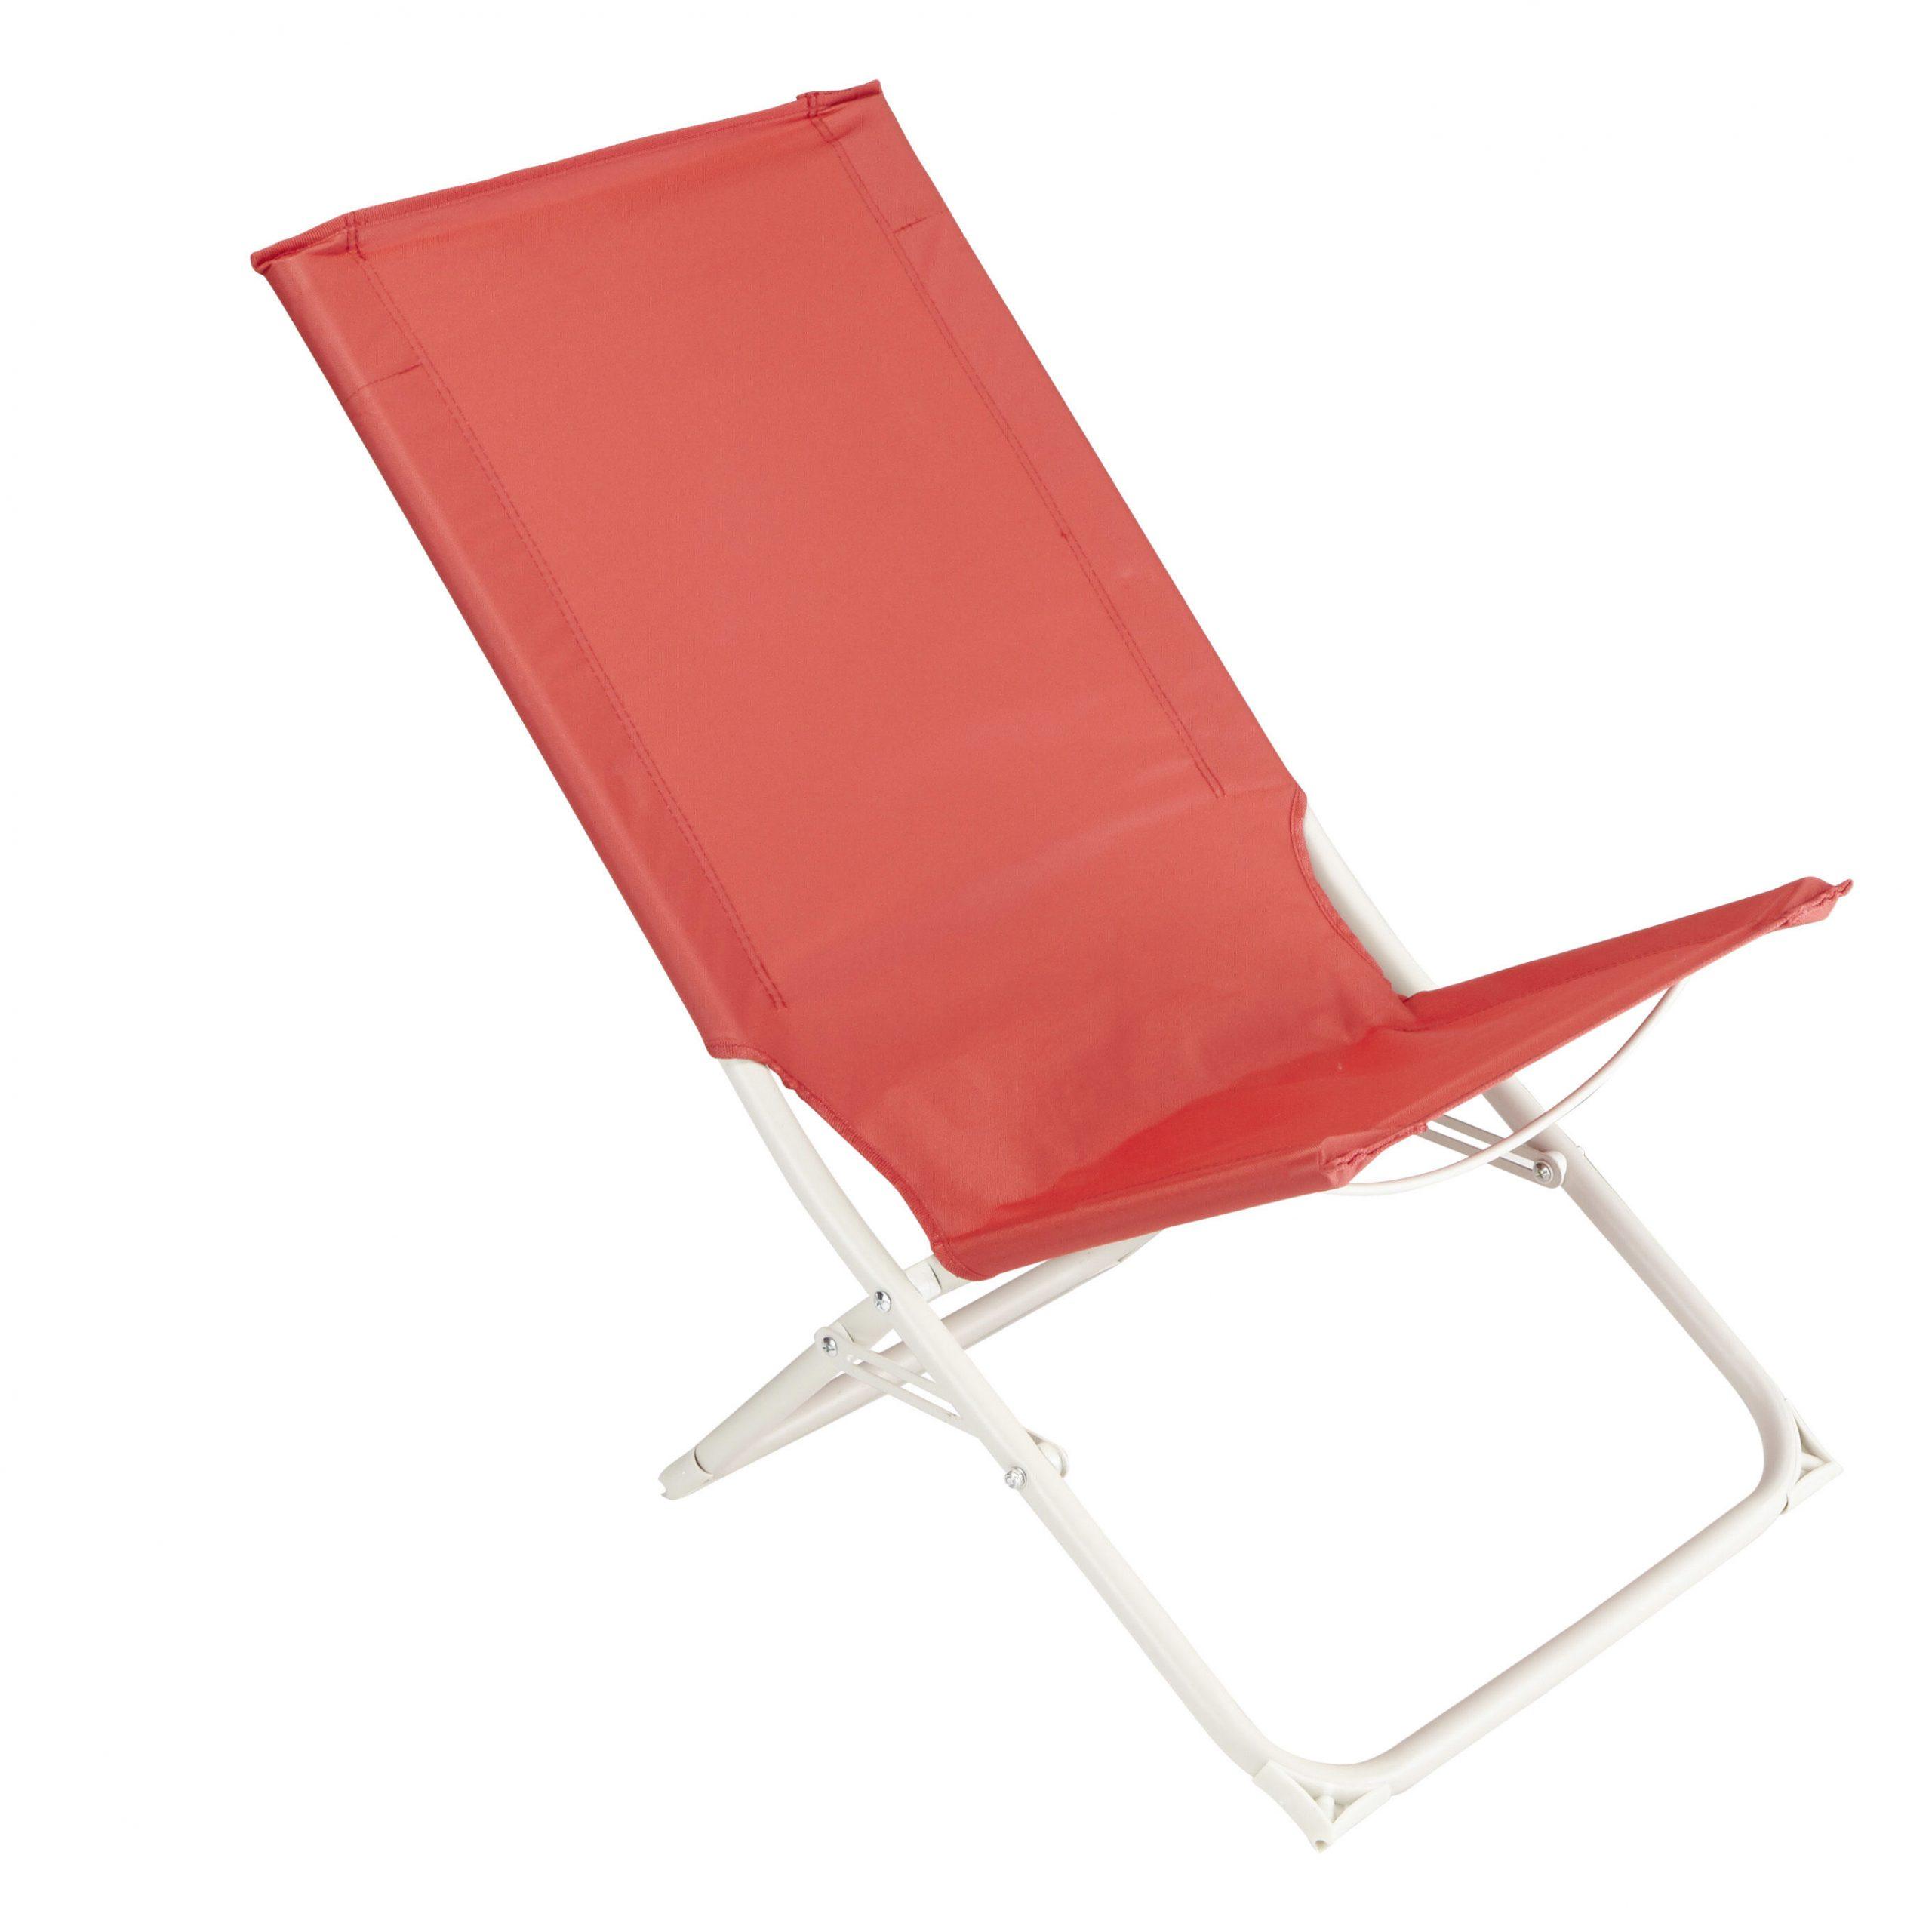 Fauteuil Relax Ikea Nouveau Balancelle De Jardin Carrefour ... destiné Balancelle De Jardin Carrefour